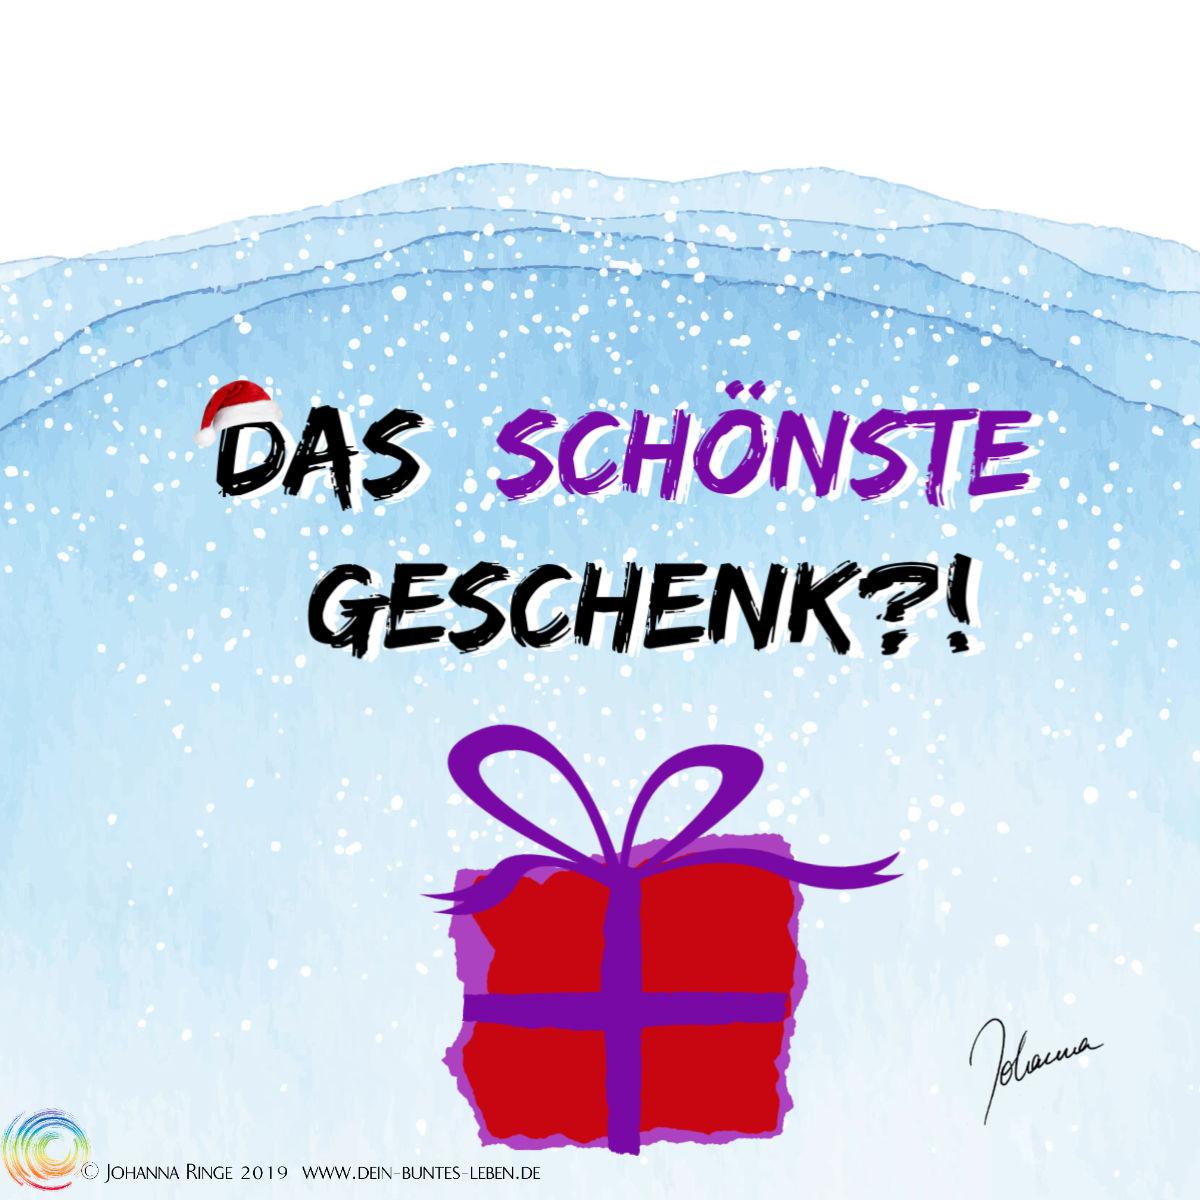 Das schönste Geschenk?! Paket im Schnee. ©2019 Johanna Ringe www.dein-buntes-leben.de